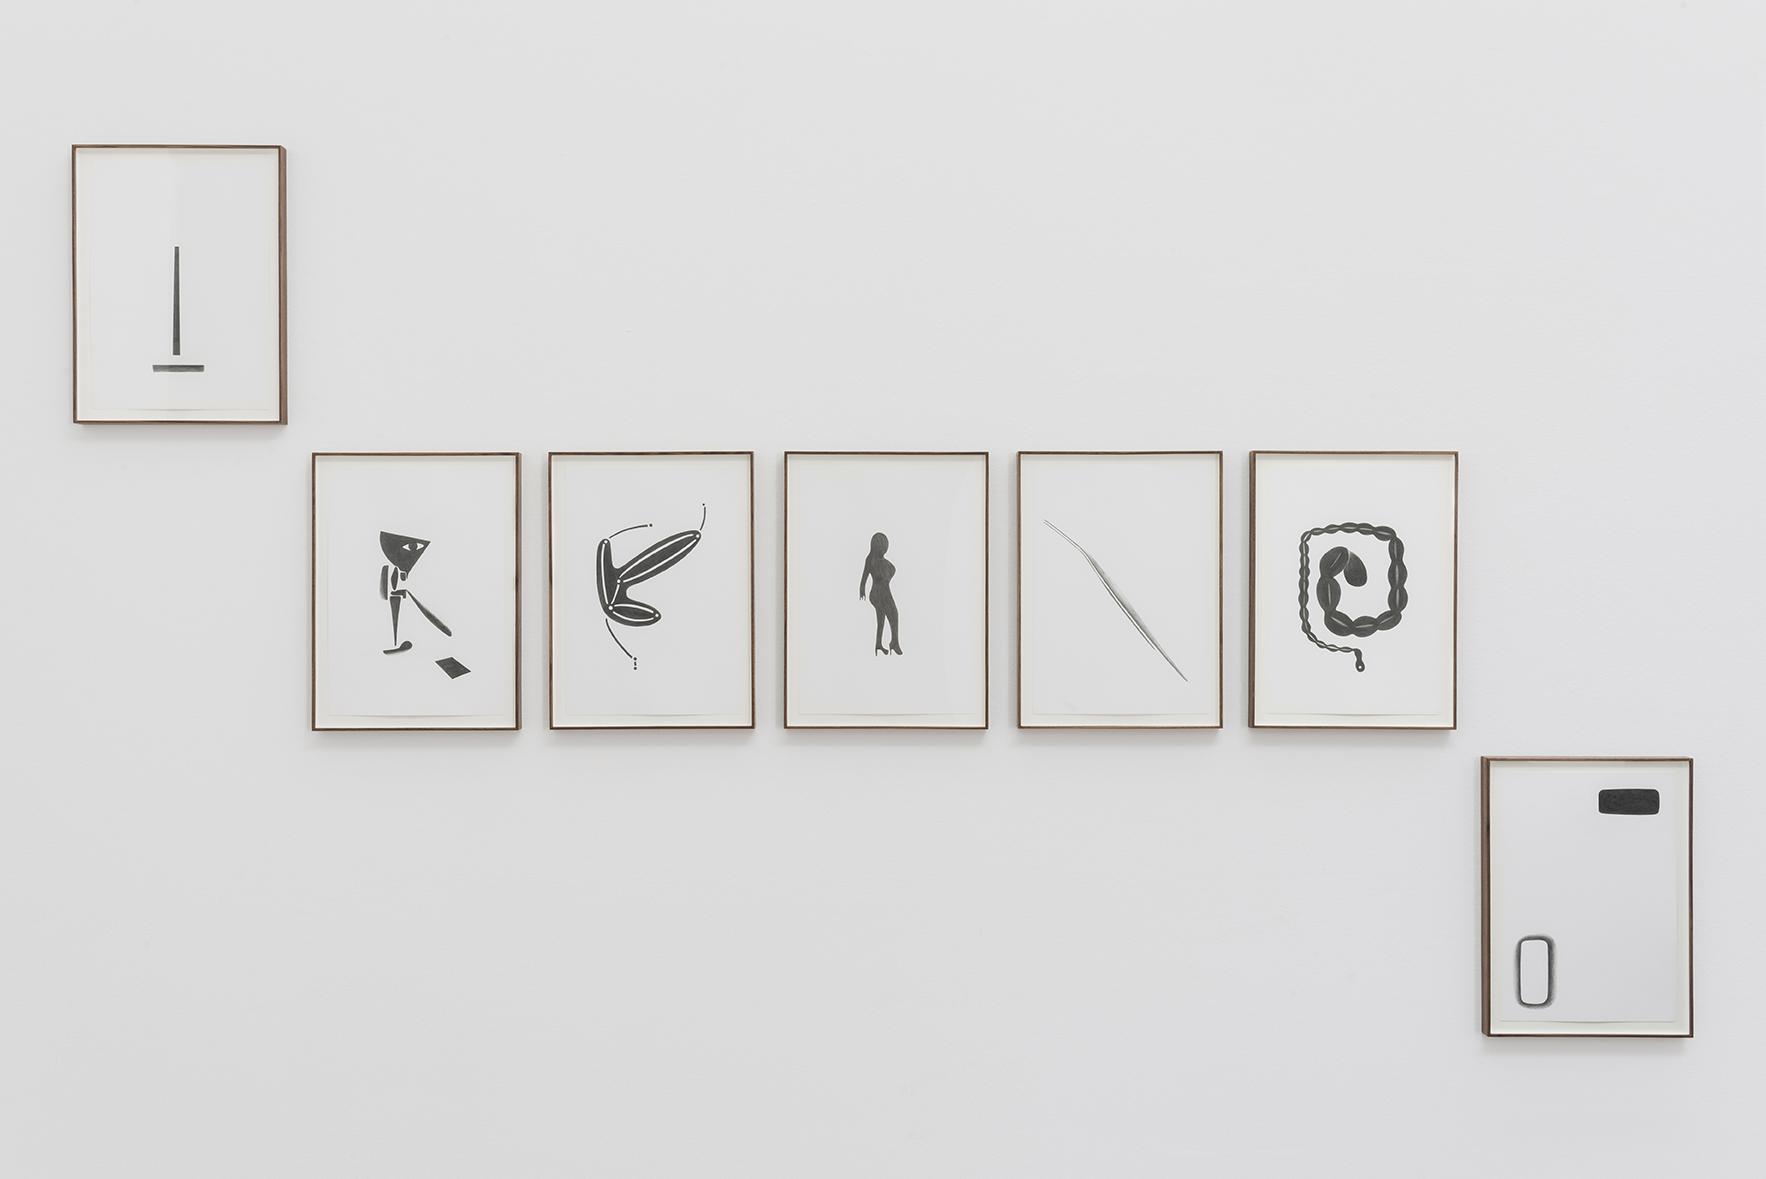 La vida abstracta de Billy Murcia, 2015 (detail) |  | ProjecteSD